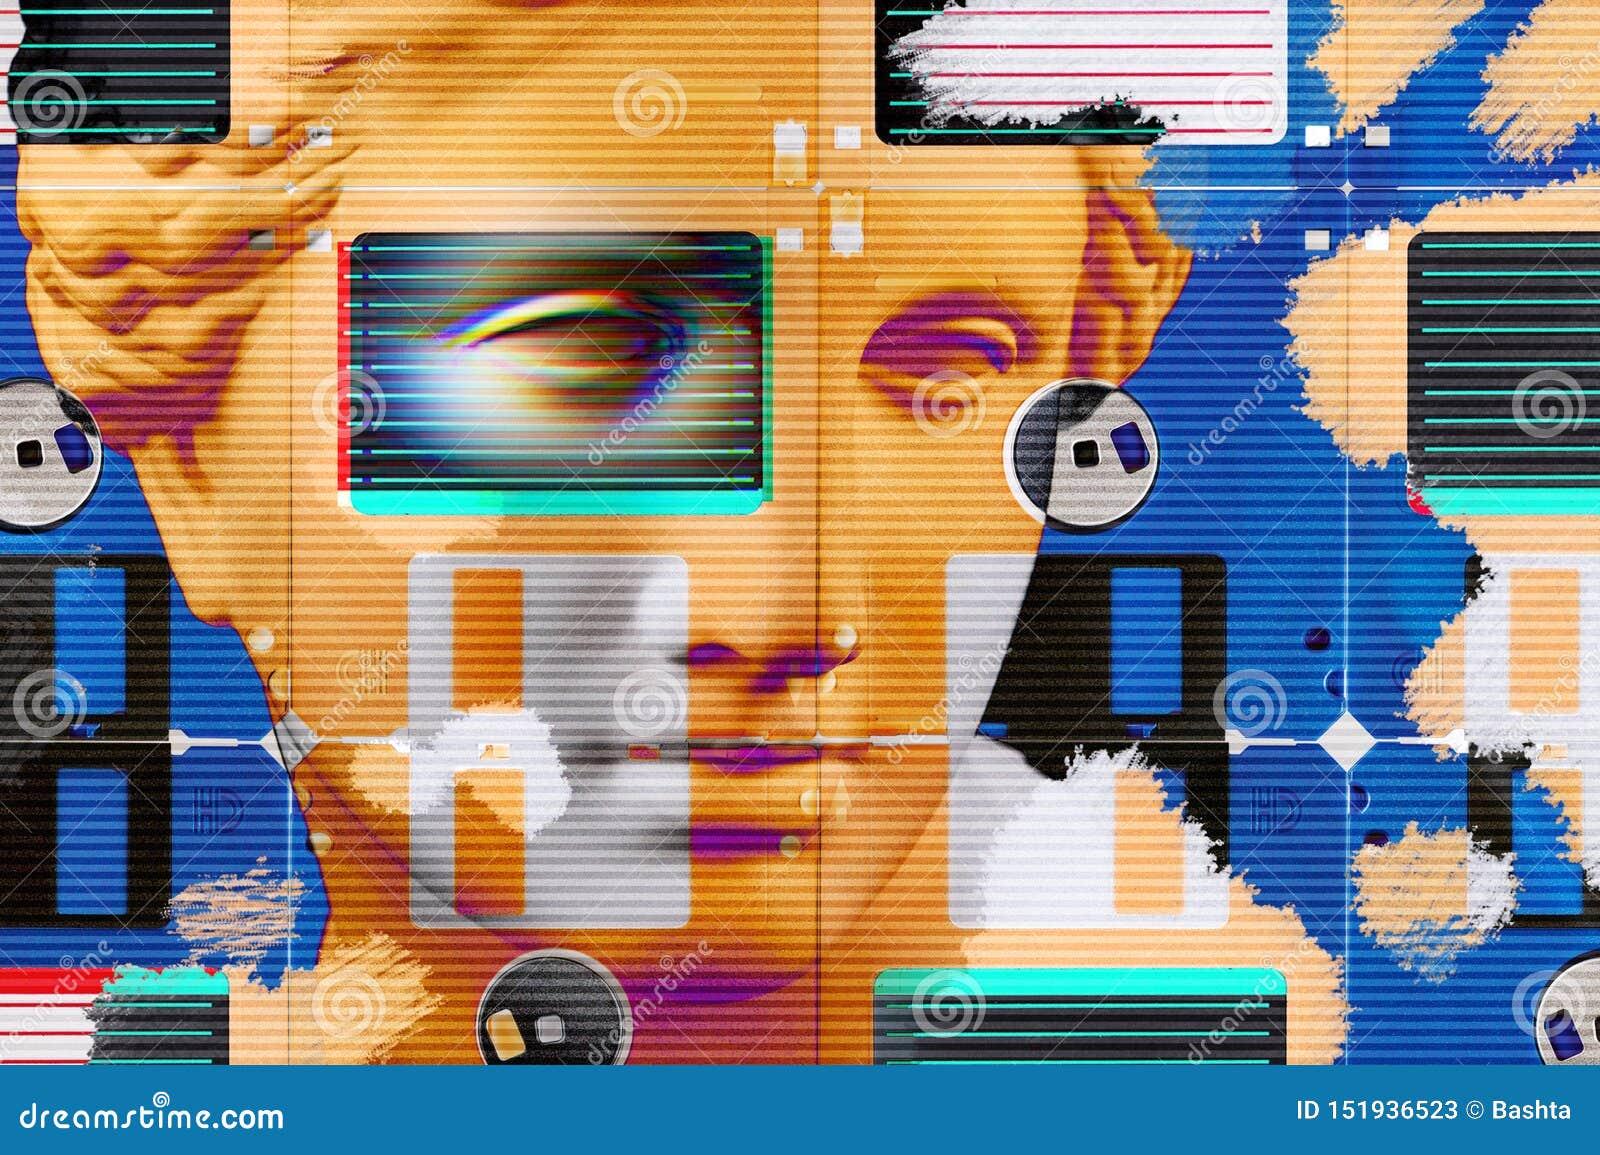 Cartel Conceptual Moderno Del Arte Con La Estatua Antigua De La Cara Y El Disco Blando Collage Del Arte Contemporáneo Stock de ilustración - Ilustración de vendimia, cultura: 151936523